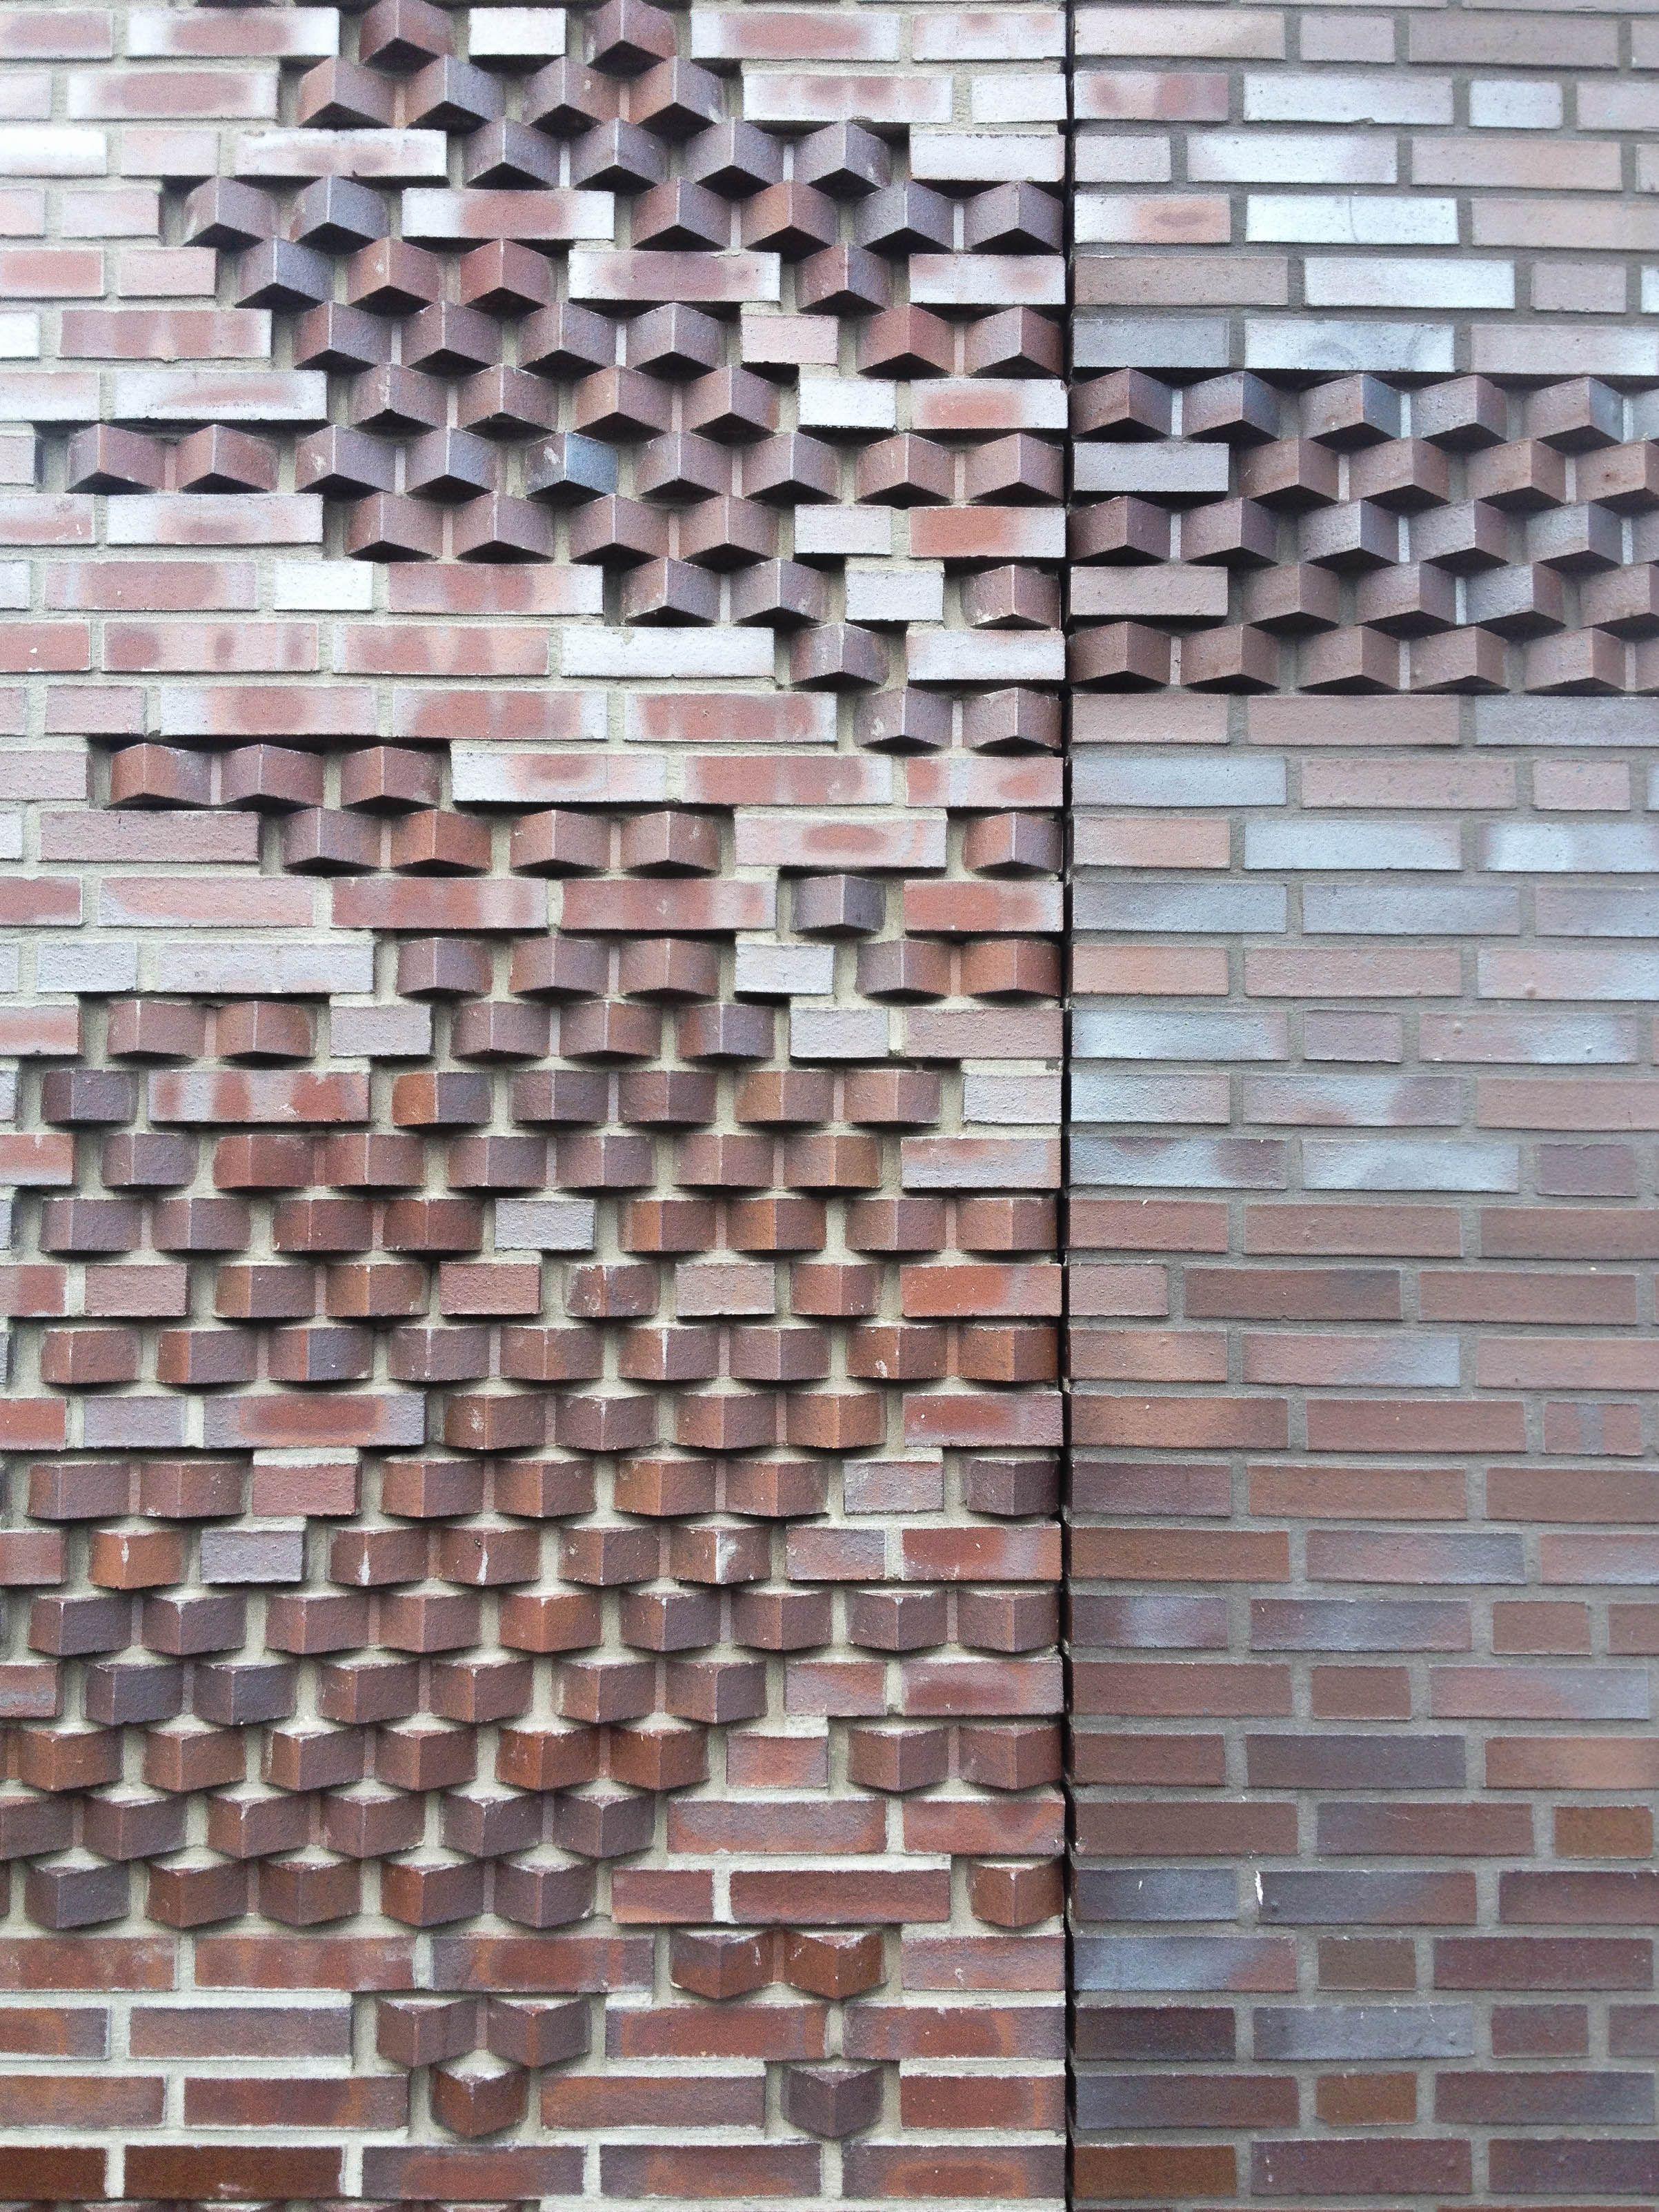 Fasade brick facades pinterest ziegel und klinker for Klinker haus modern